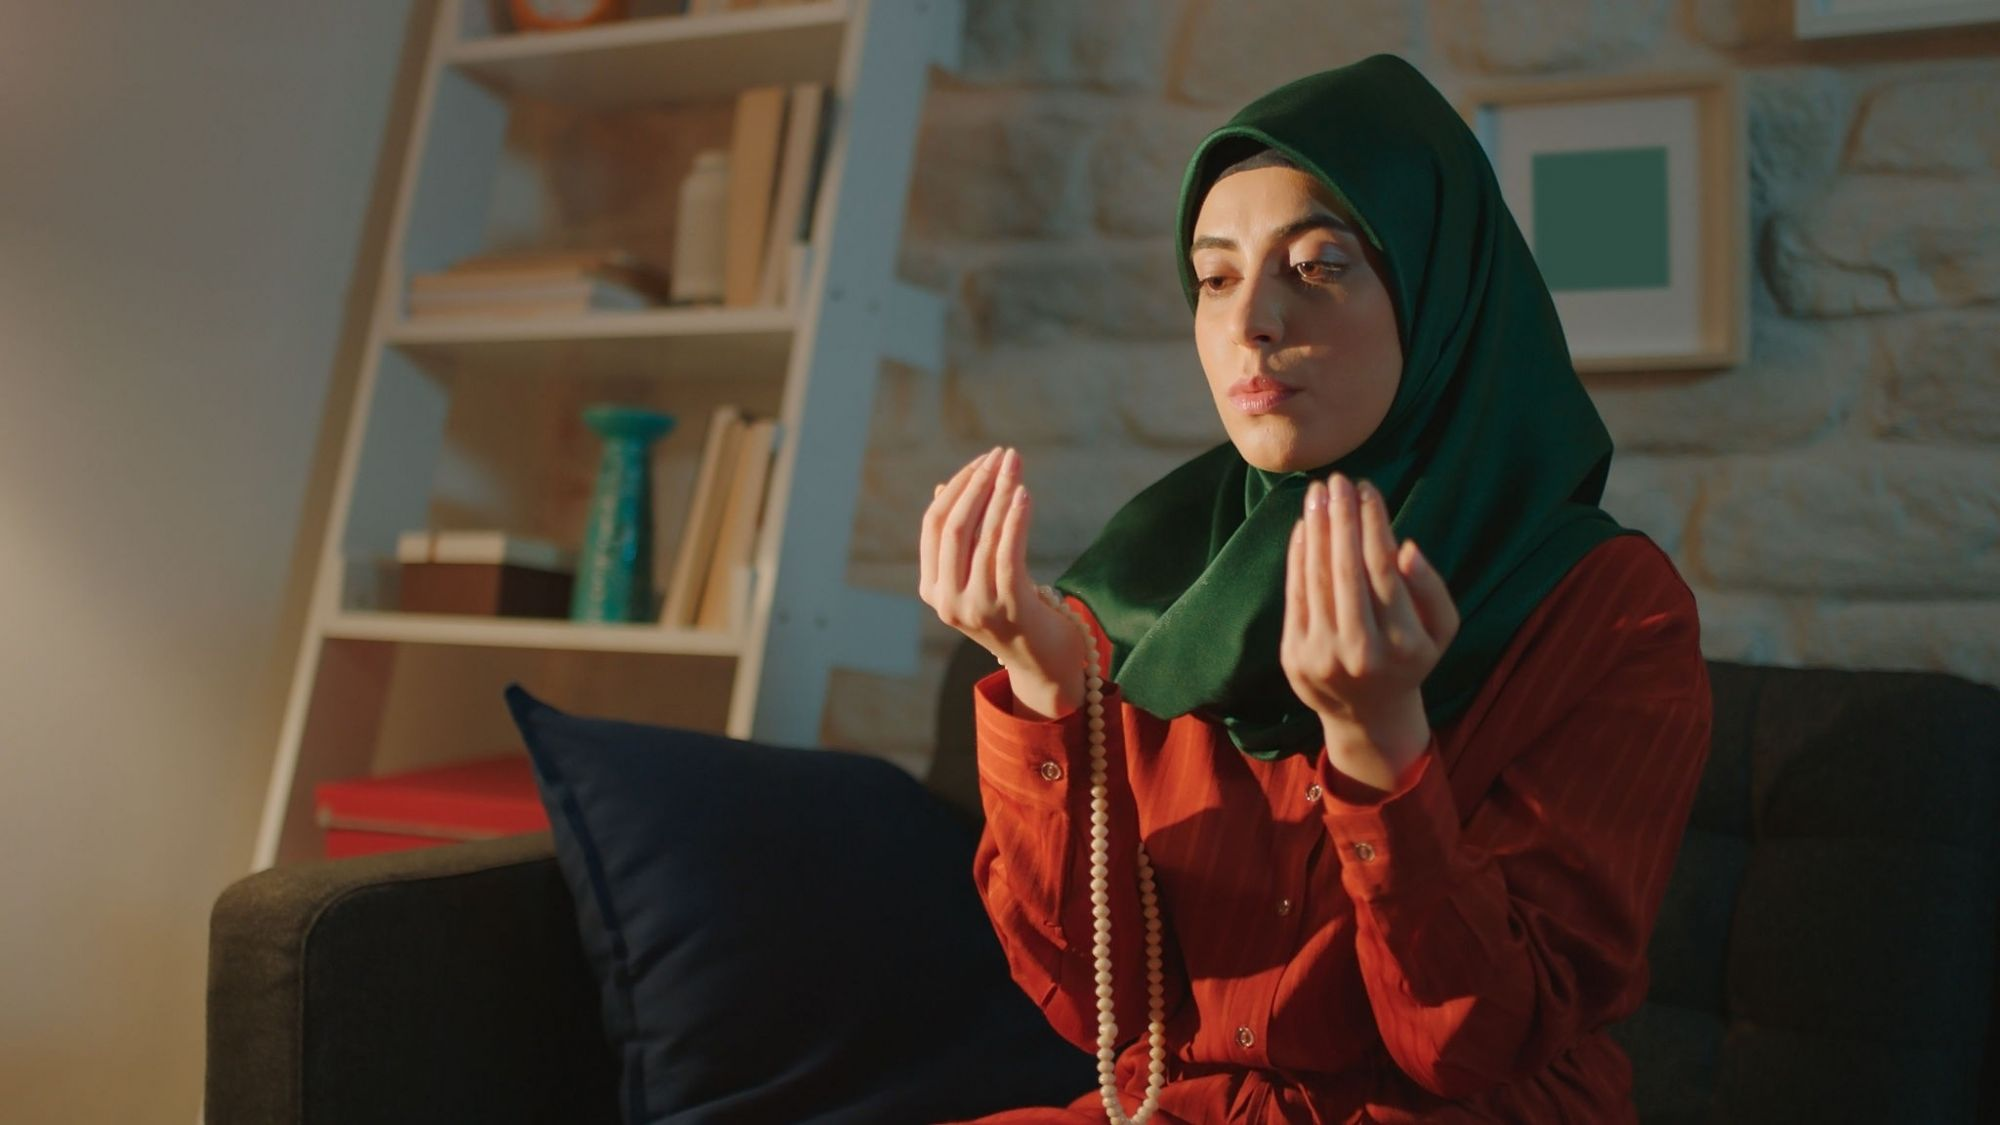 دعا کردن در زمان حاملگی